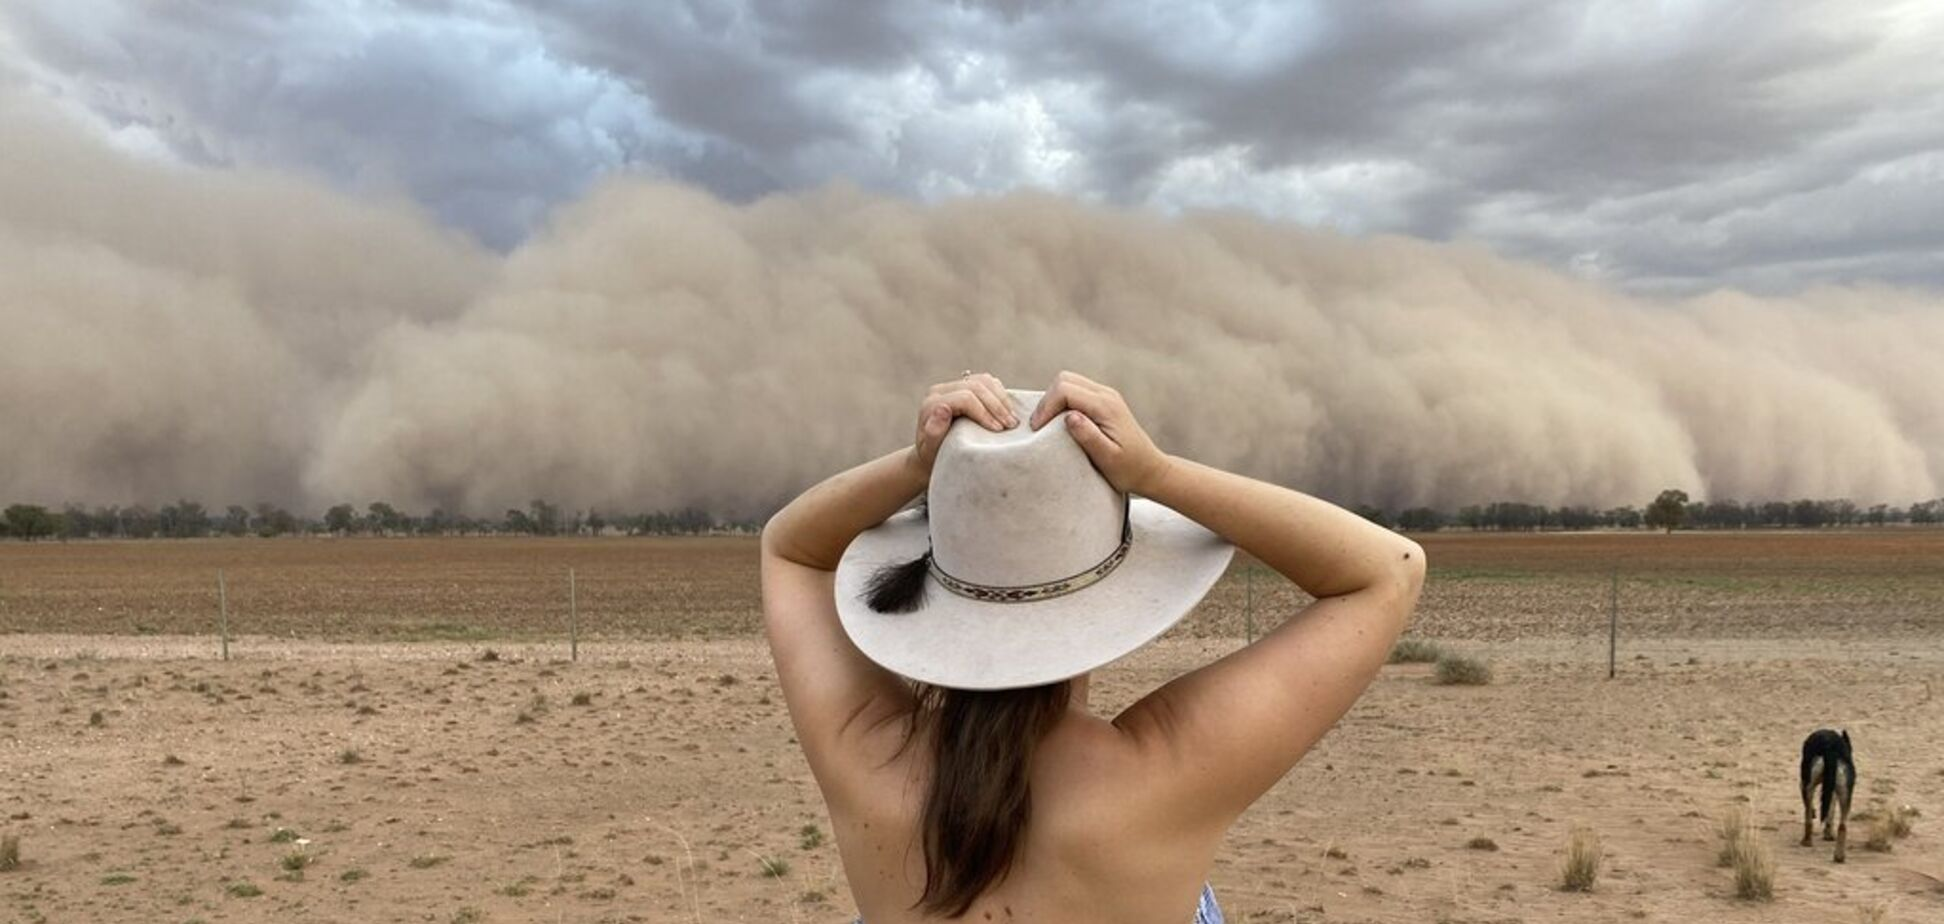 'День превратился в ночь': Австралию накрыла мощная пыльная буря. Фото и видео